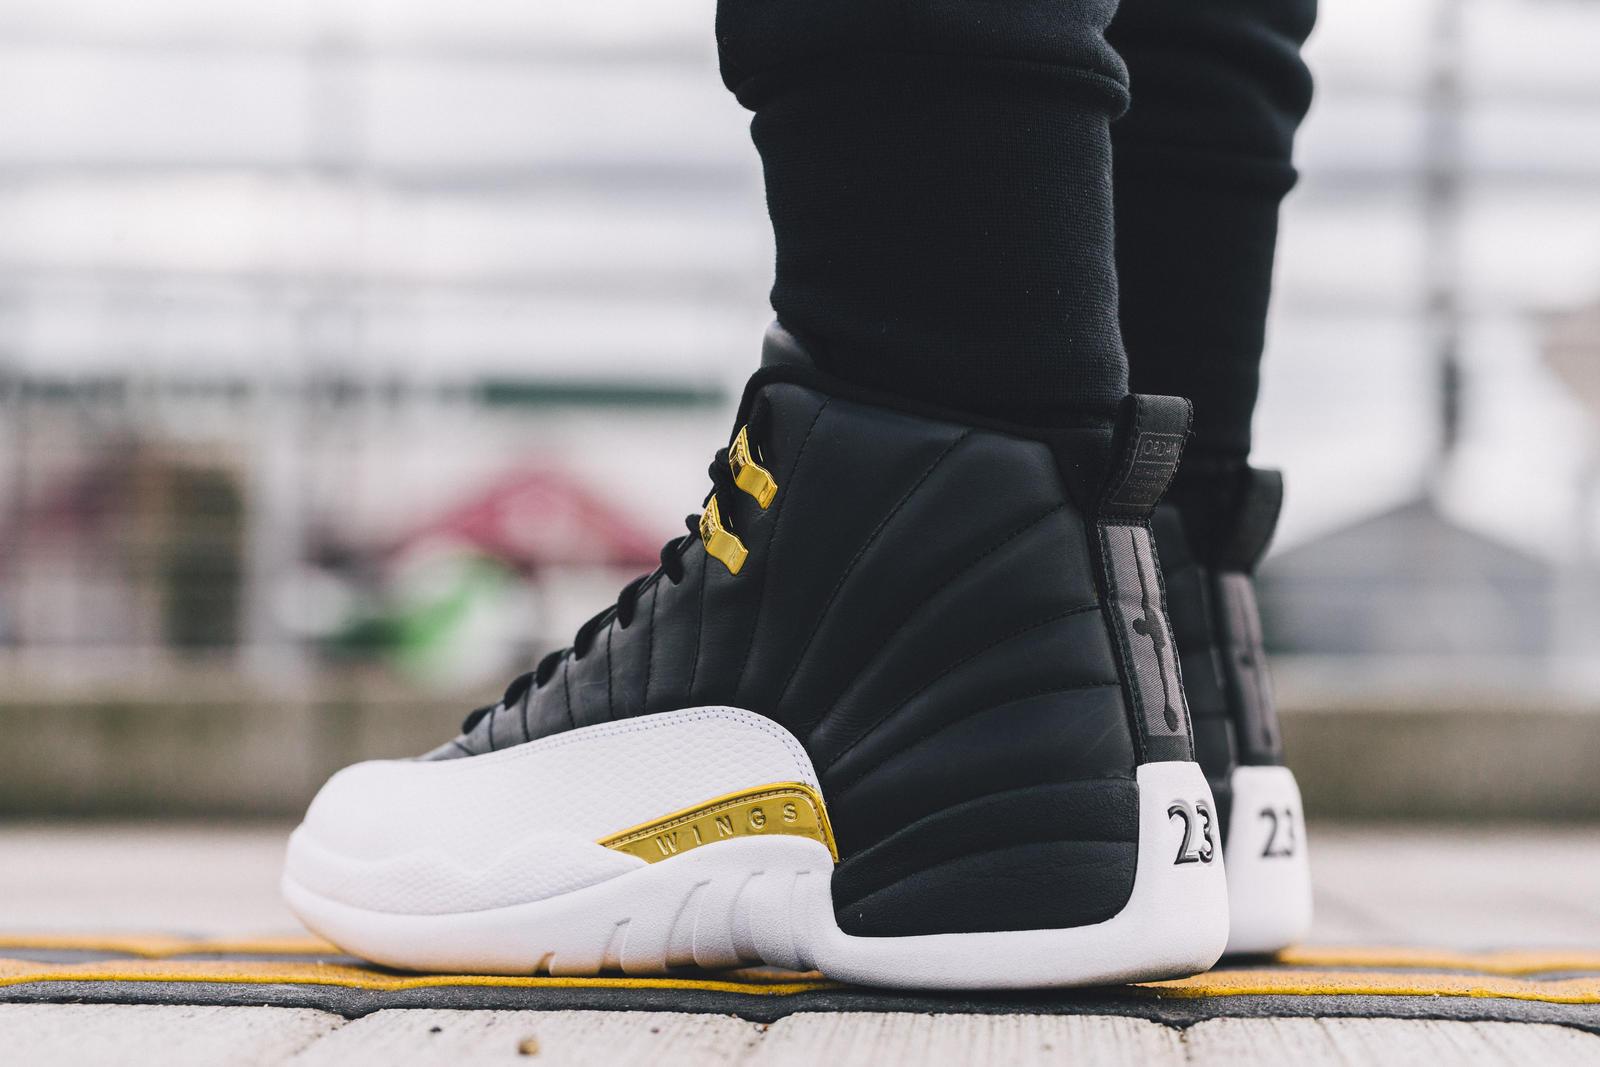 Plain Black Jordan Shoes